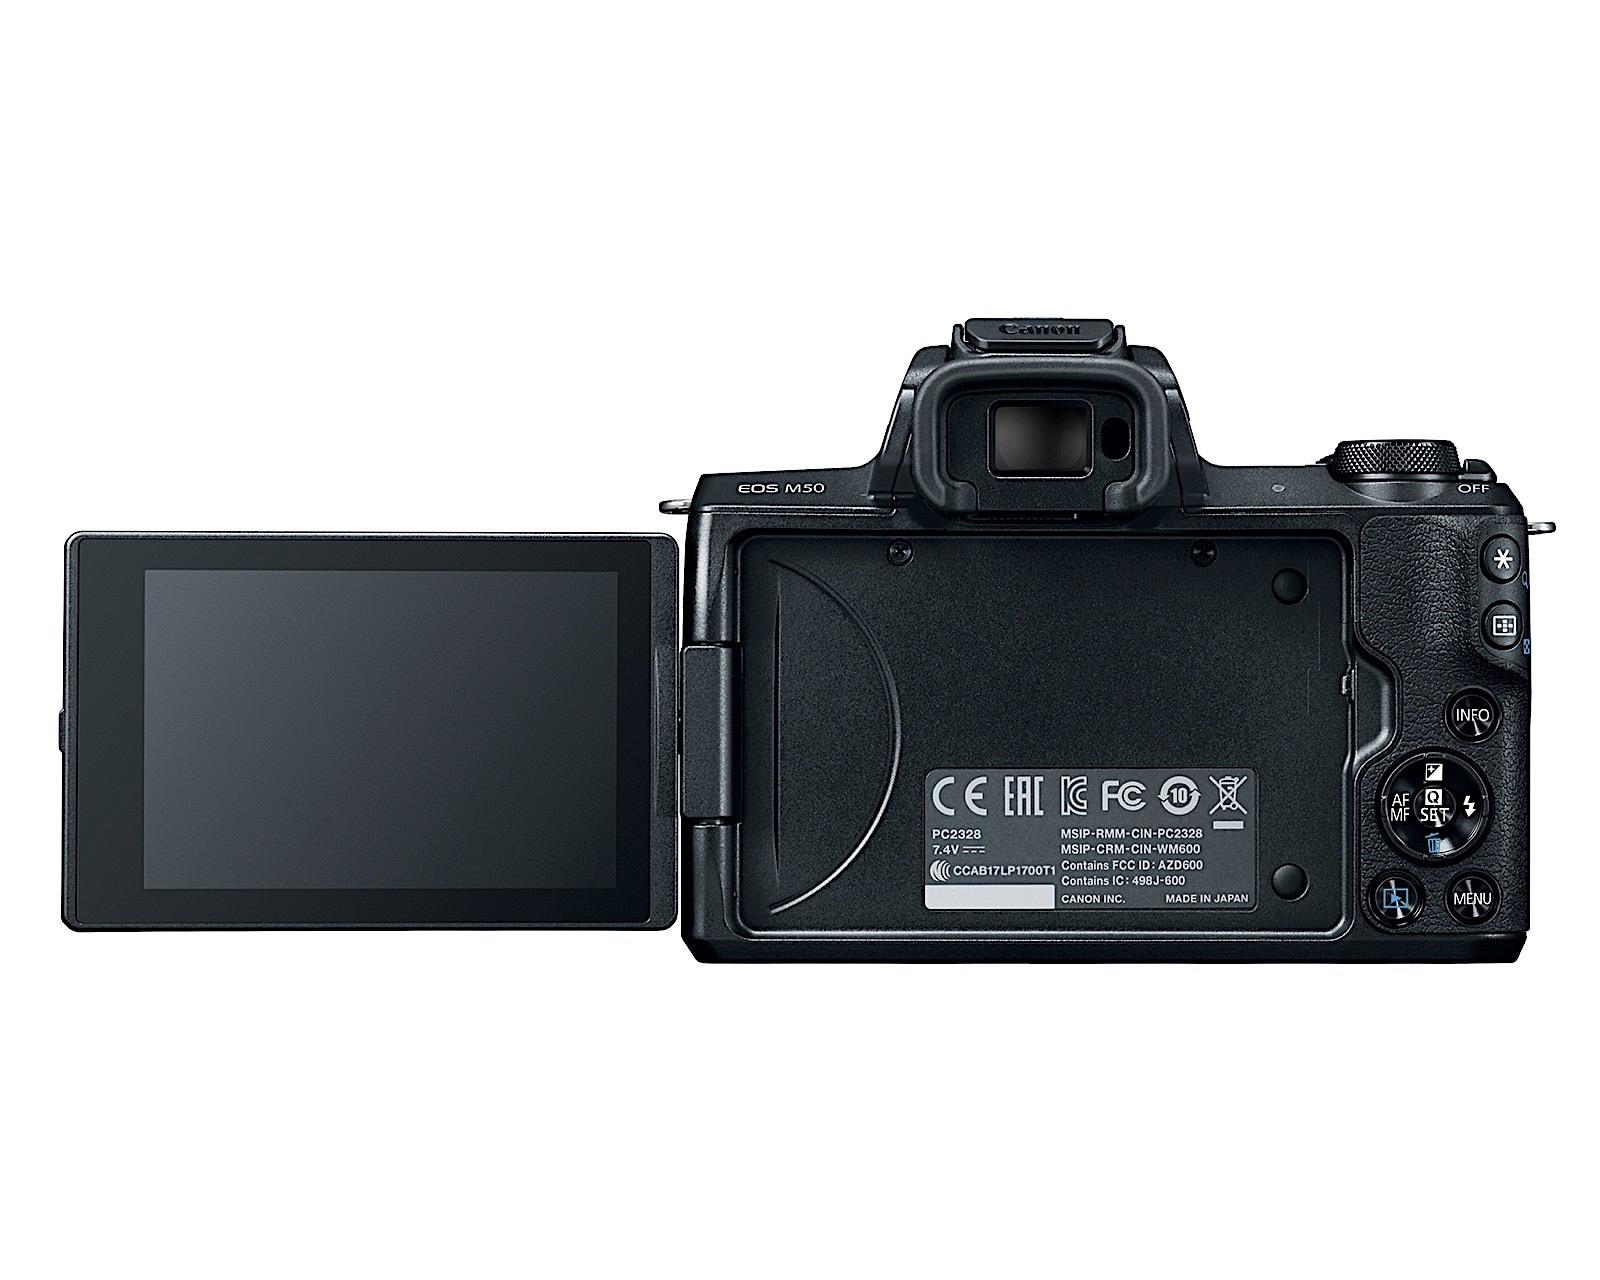 hr-eos-m50-black-efm15-45-stm-270ex-ii-cl-1.jpg